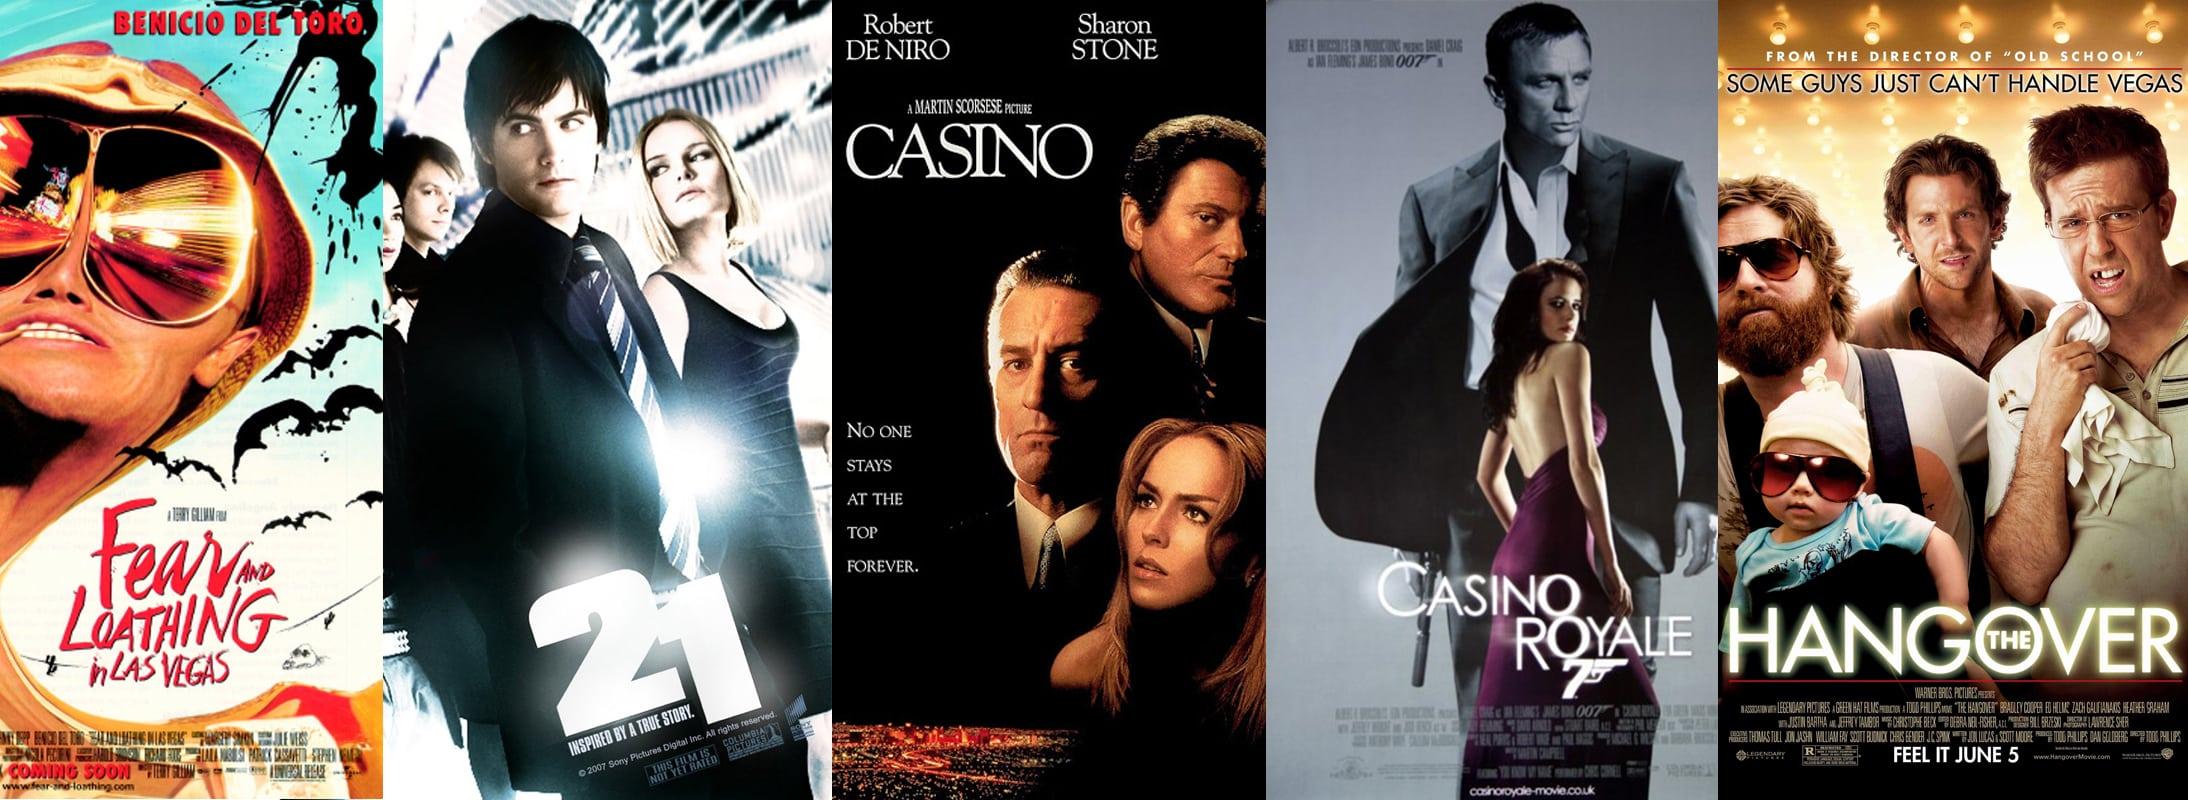 Die besten Filme zum Thema Casino element01 - CasinoTop